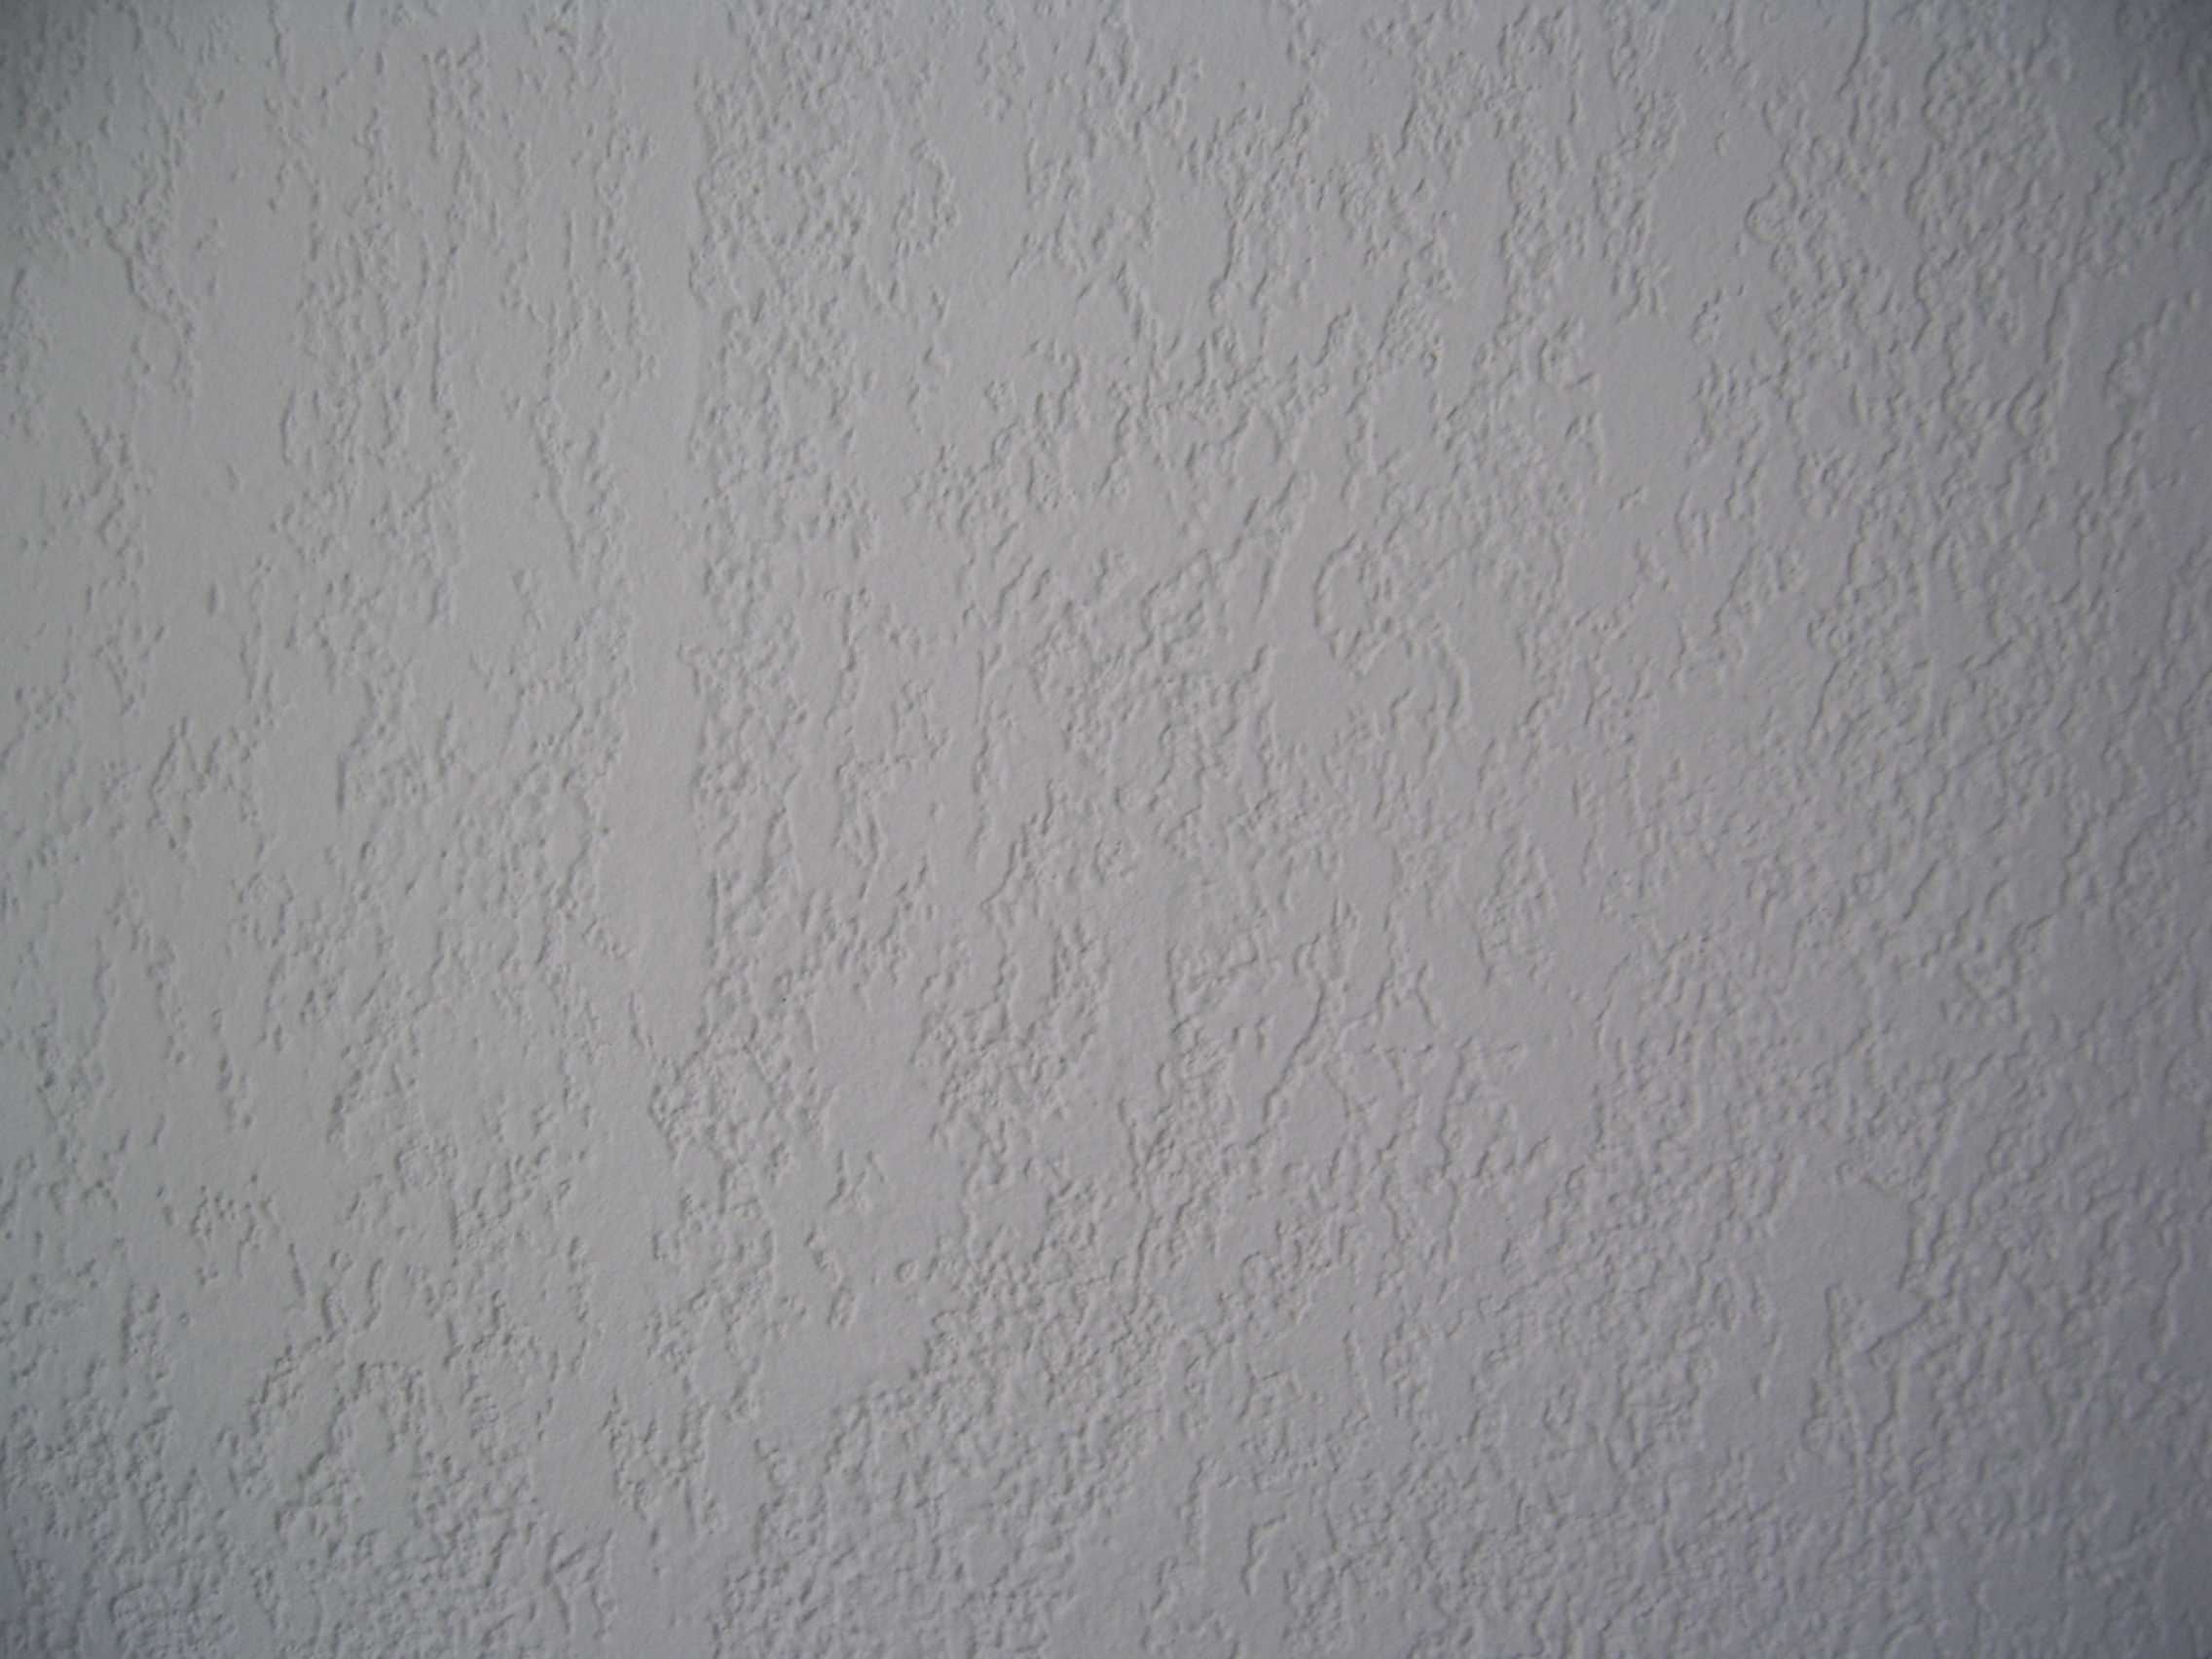 Conseils pour lisser mur - Repeindre du crepi interieur ...